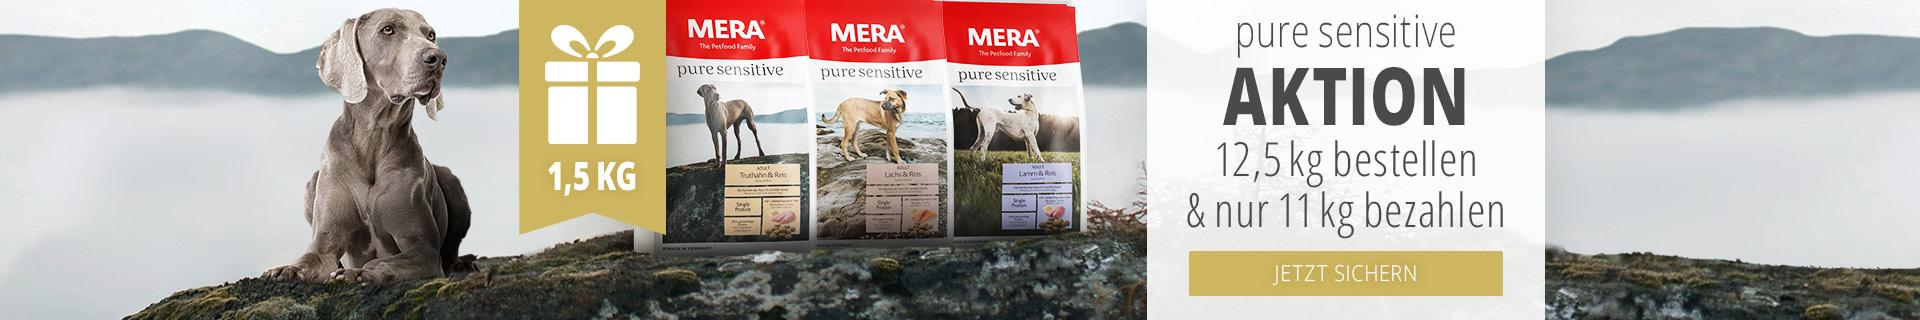 Mera Trockenfutter Aktion für Hunde - 12,5kg zum Preis von 11kg